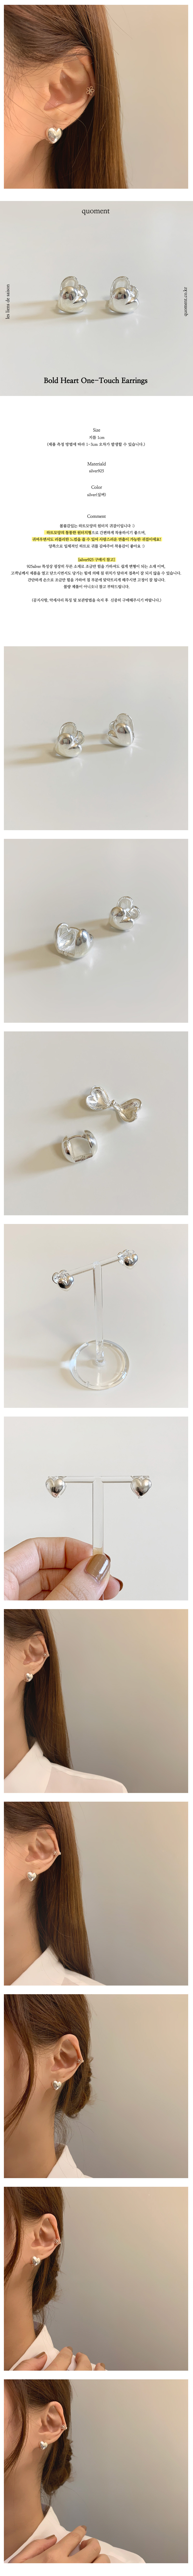 925실버 양면 통통하트 볼드 원터치 귀걸이 3color - 쿼먼트, 23,900원, 실버, 링귀걸이